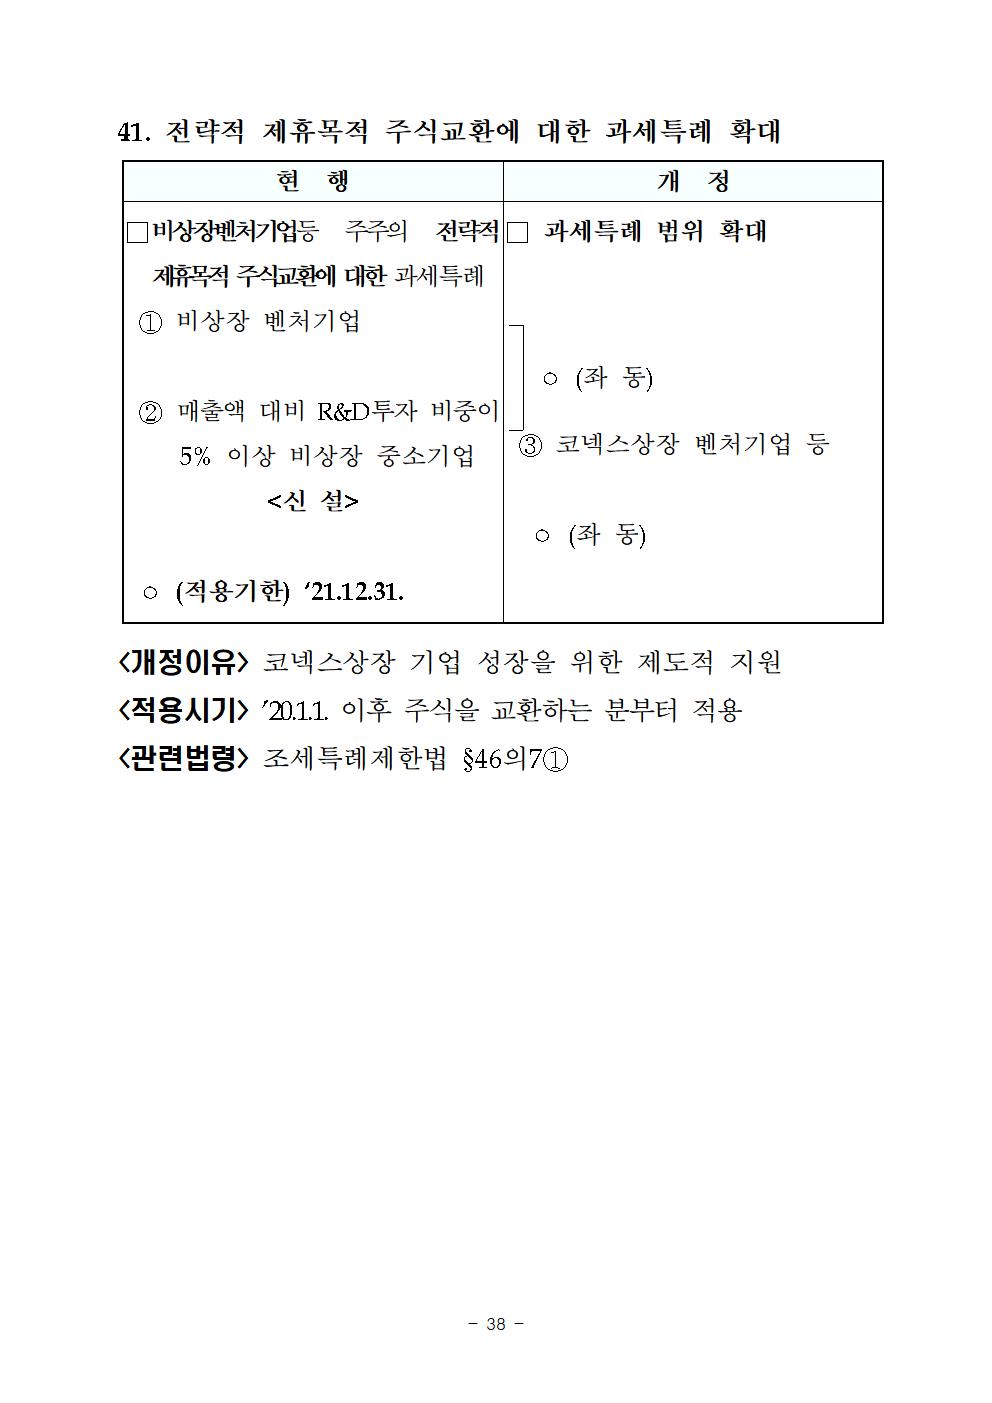 2019년세법개정내용(양도소득세분야)043.png